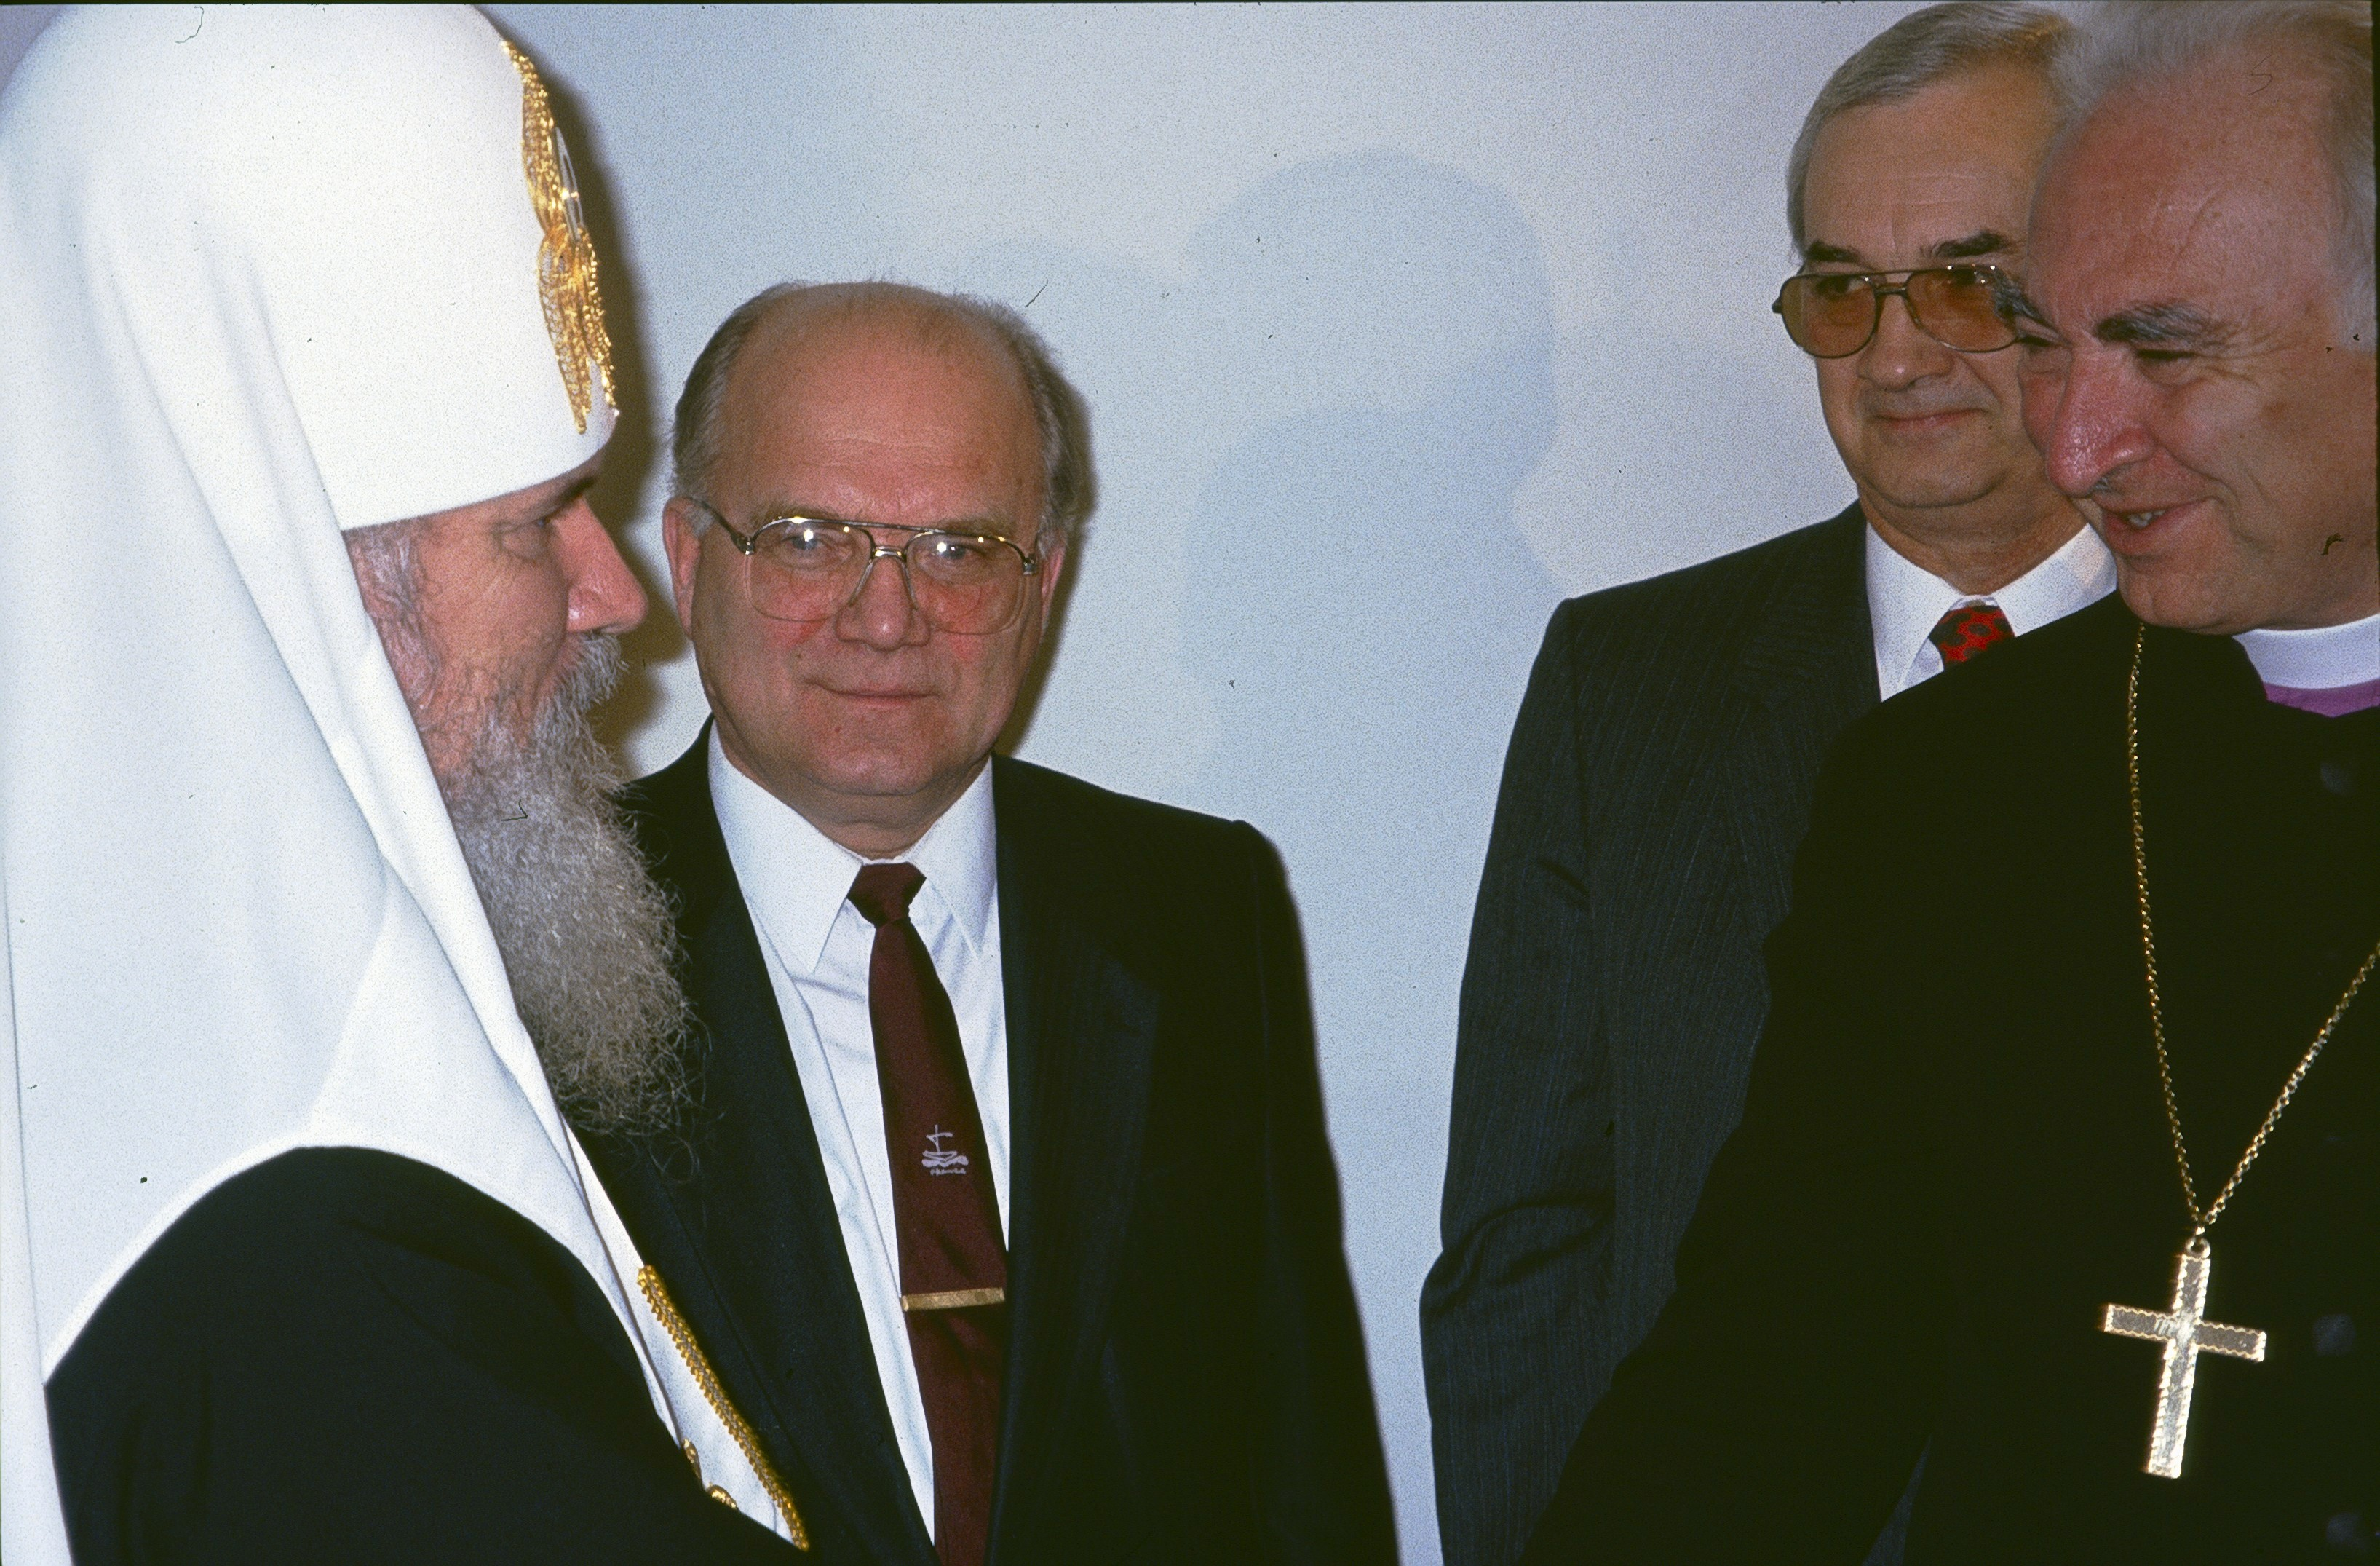 Патриарх Алексий II, епископ и Алексей Бычков на открытии Библейского общества